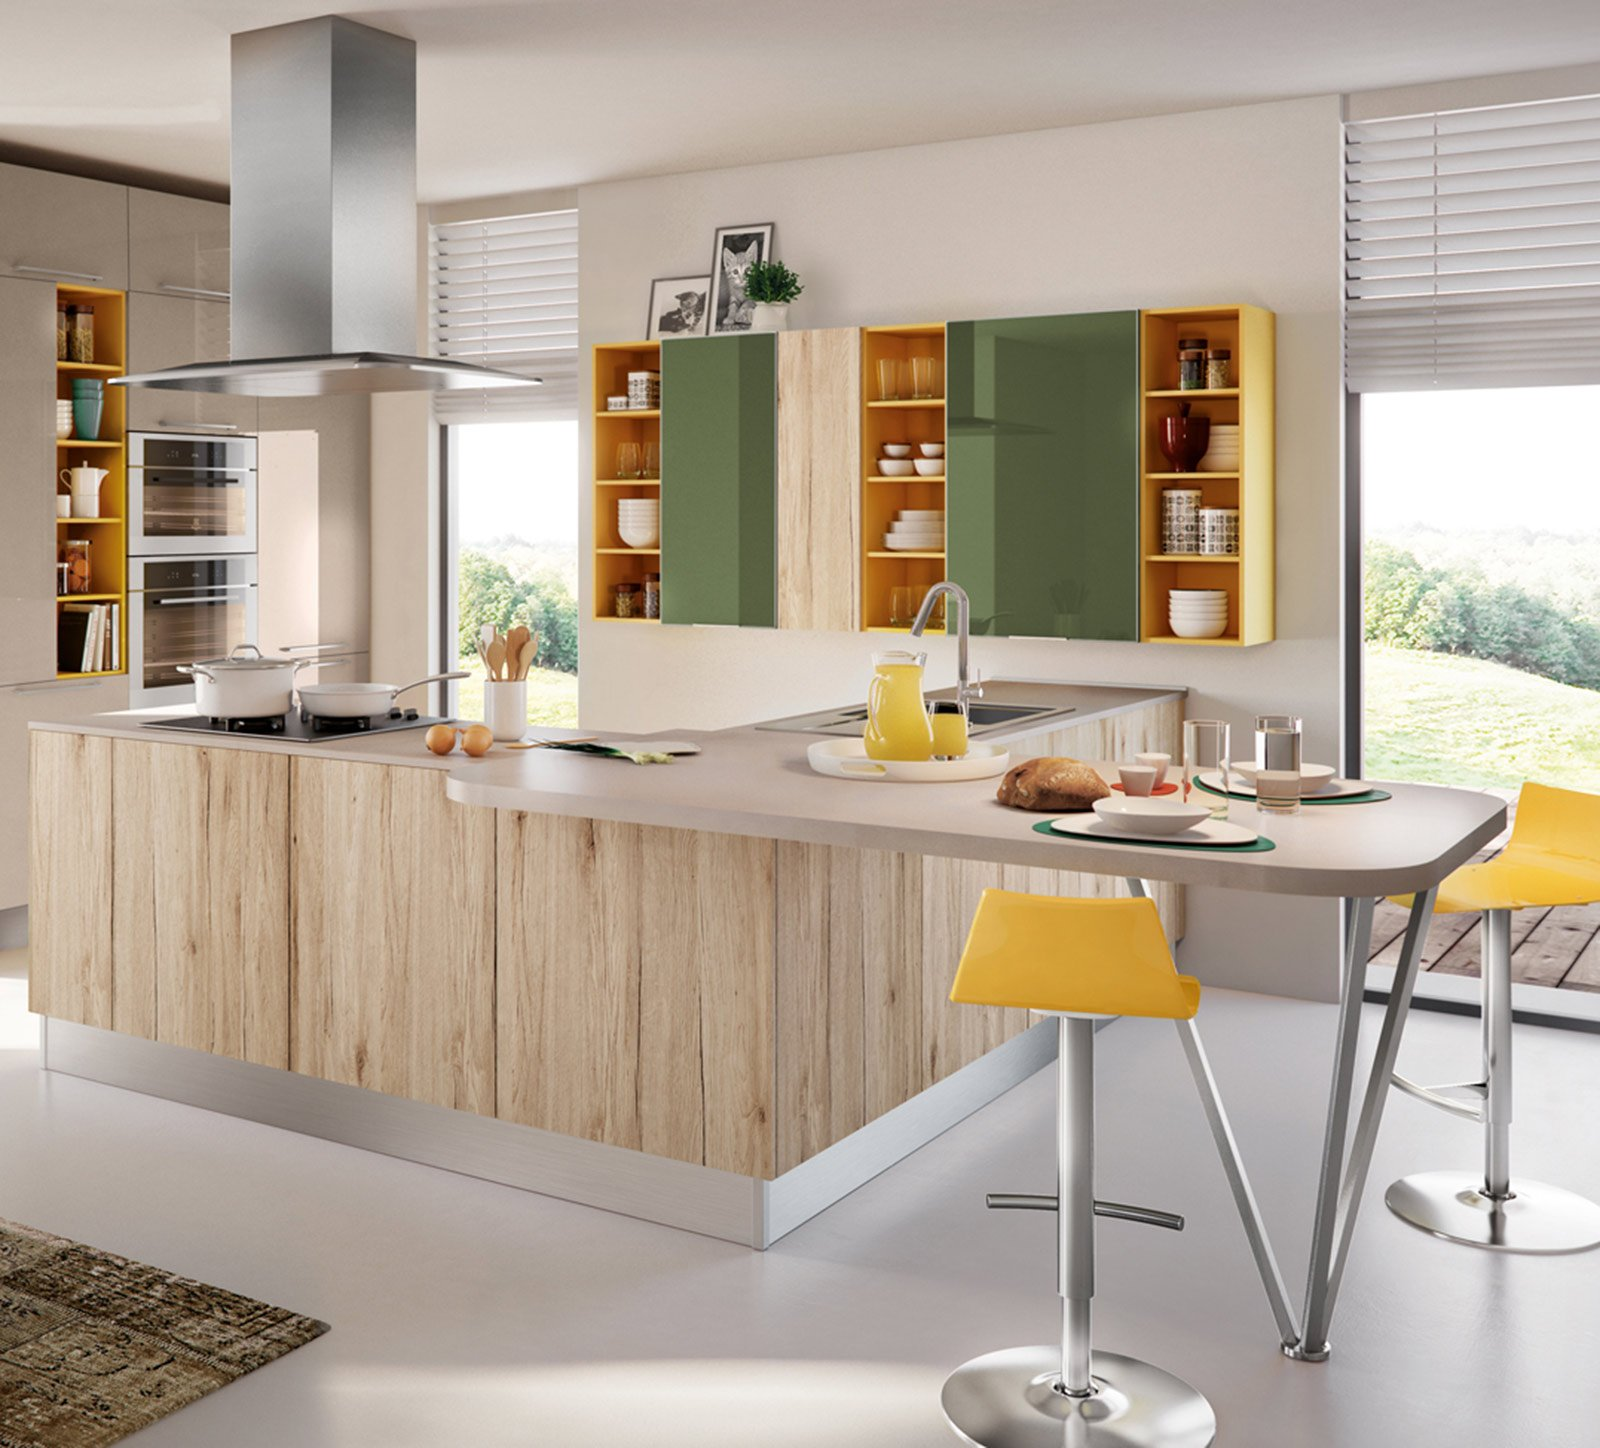 Colori pittura cucina fabulous colori delle pareti del soggiorno with vernice lavabile cucina - Pitture lavabili per cucine ...